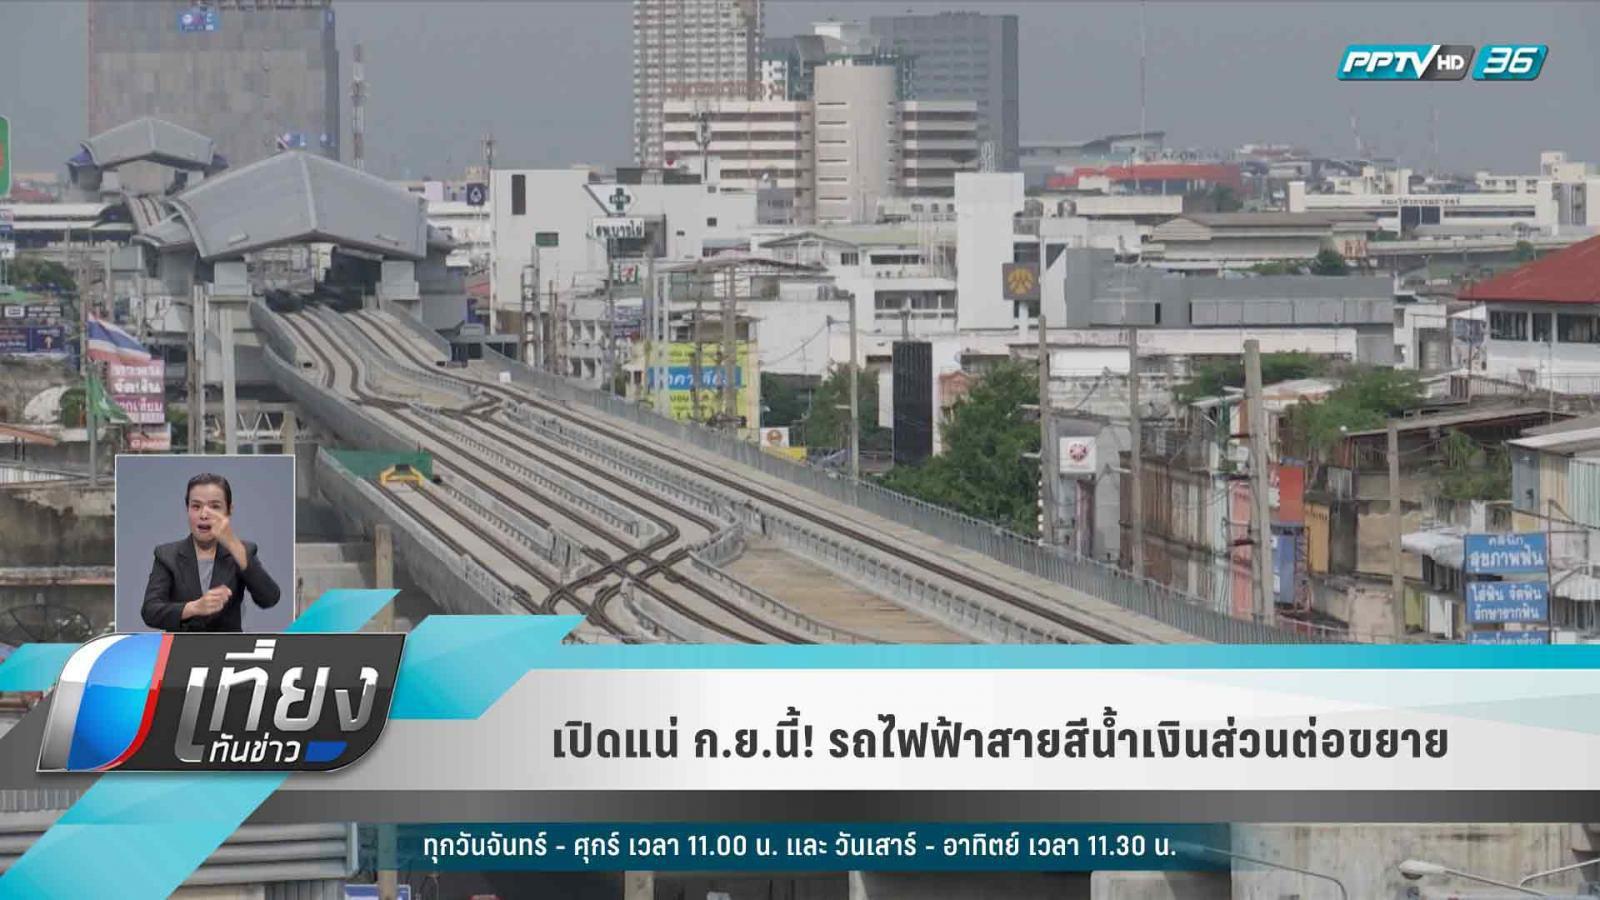 เปิดแน่ ก.ย.นี้! รถไฟฟ้าสายสีน้ำเงินส่วนต่อขยาย